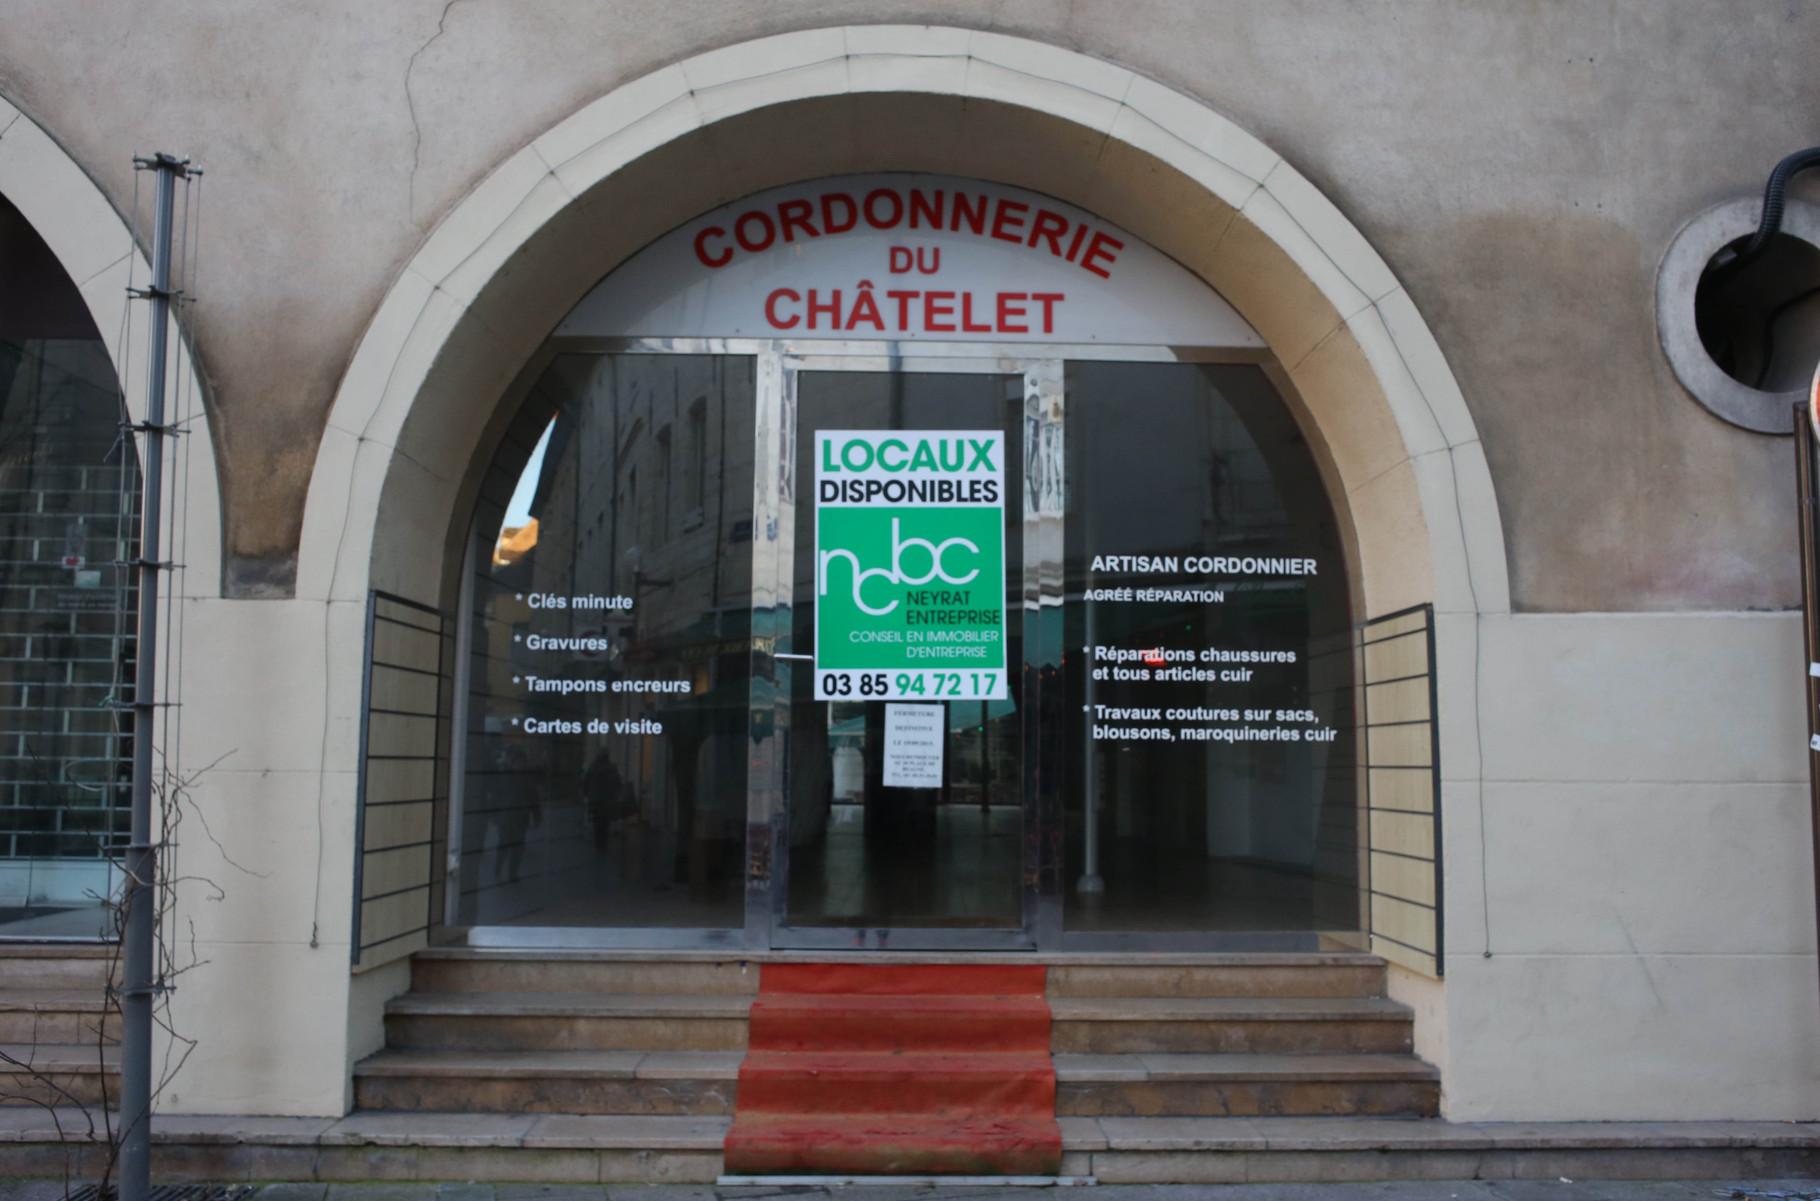 Place du Châtelet - Propriétaires : Cordonnerie Michel, 18 place de Beaune, 03 85 93 20 01